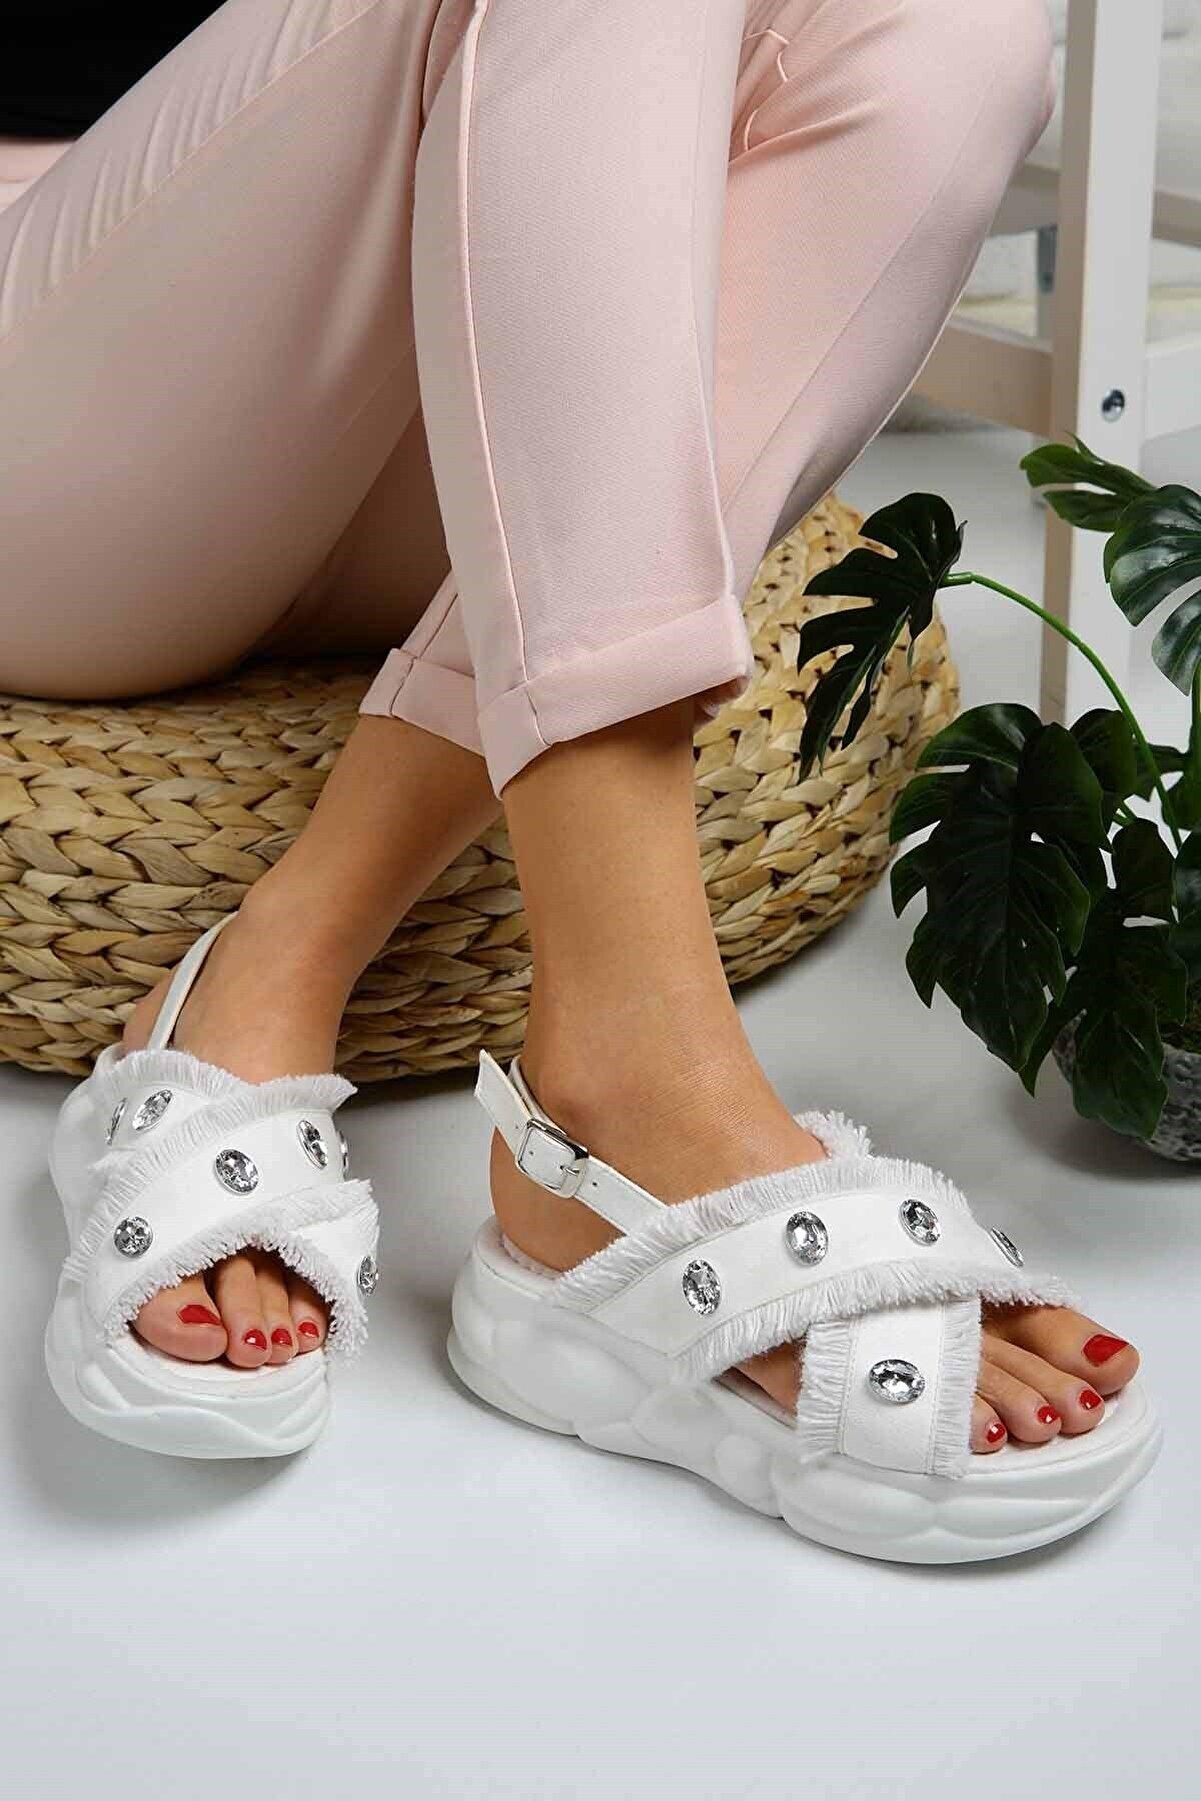 Ccway Kadın Tüylü Taşlı Sandalet